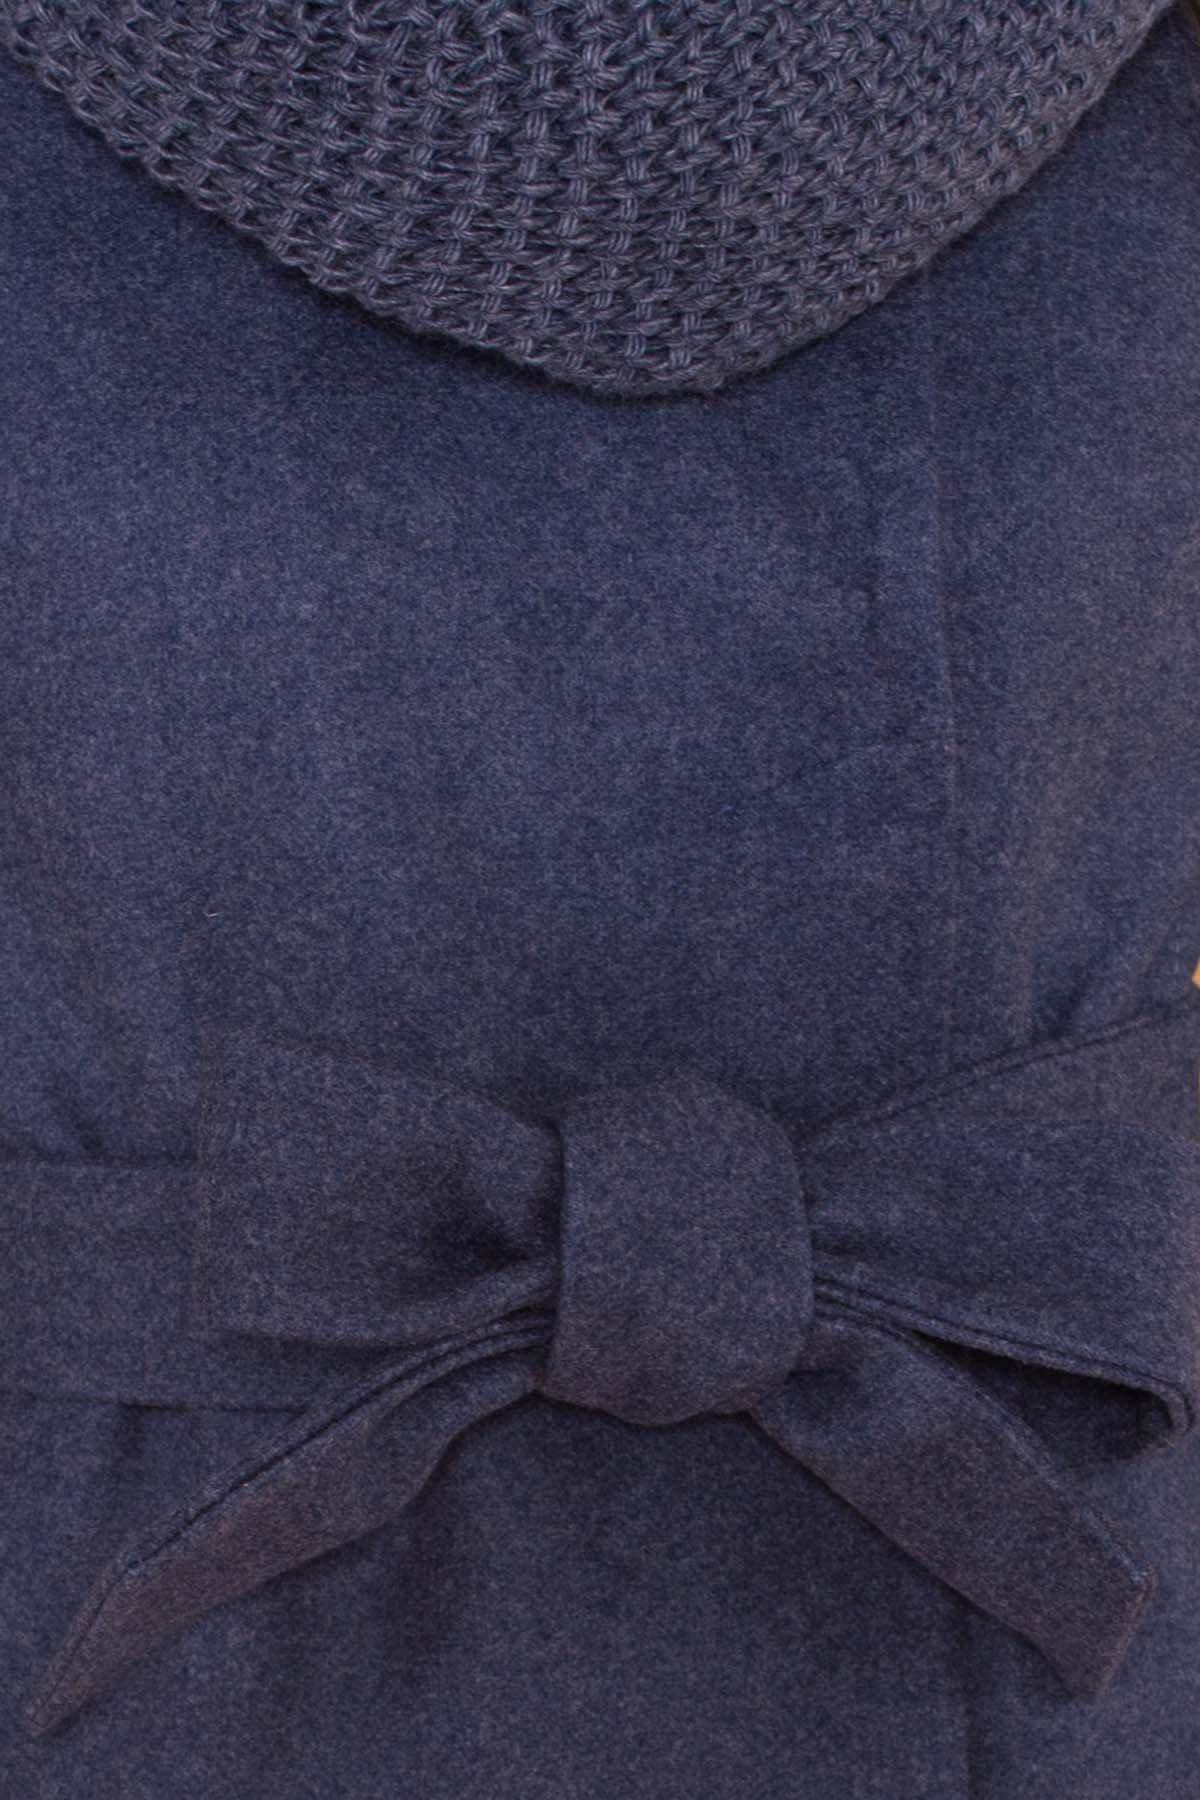 Классическое однобортное пальто зима с отложным воротником Приора 5835 АРТ. 39410 Цвет: Джинс - фото 6, интернет магазин tm-modus.ru